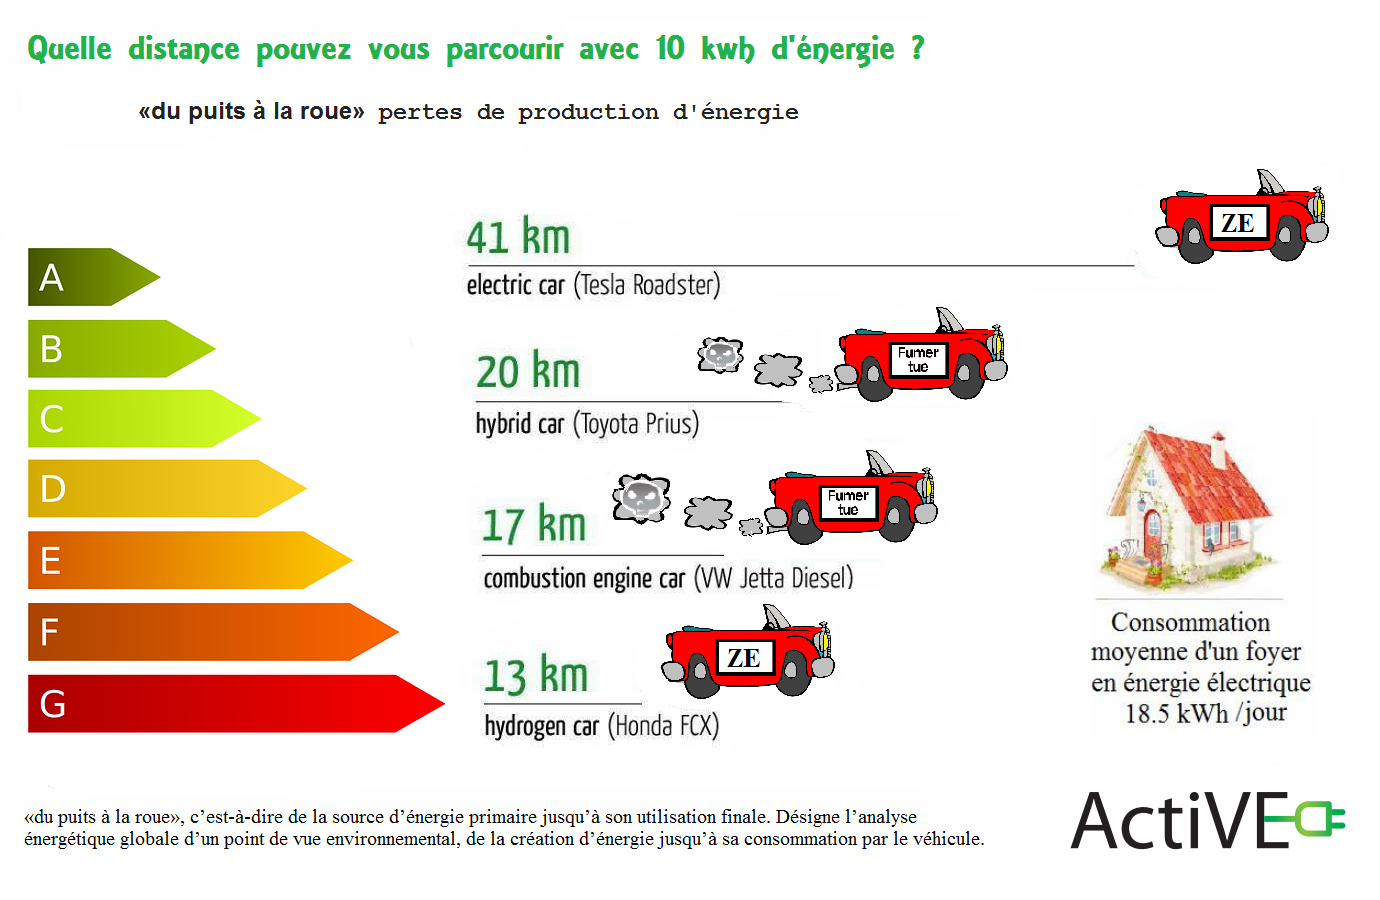 مقایسه-مصرف-انرژی-اتومبیل-هیدروژن-حرارتی-ترکیبی-برقی-چاه-چرخ-بازده انرژی 1.png